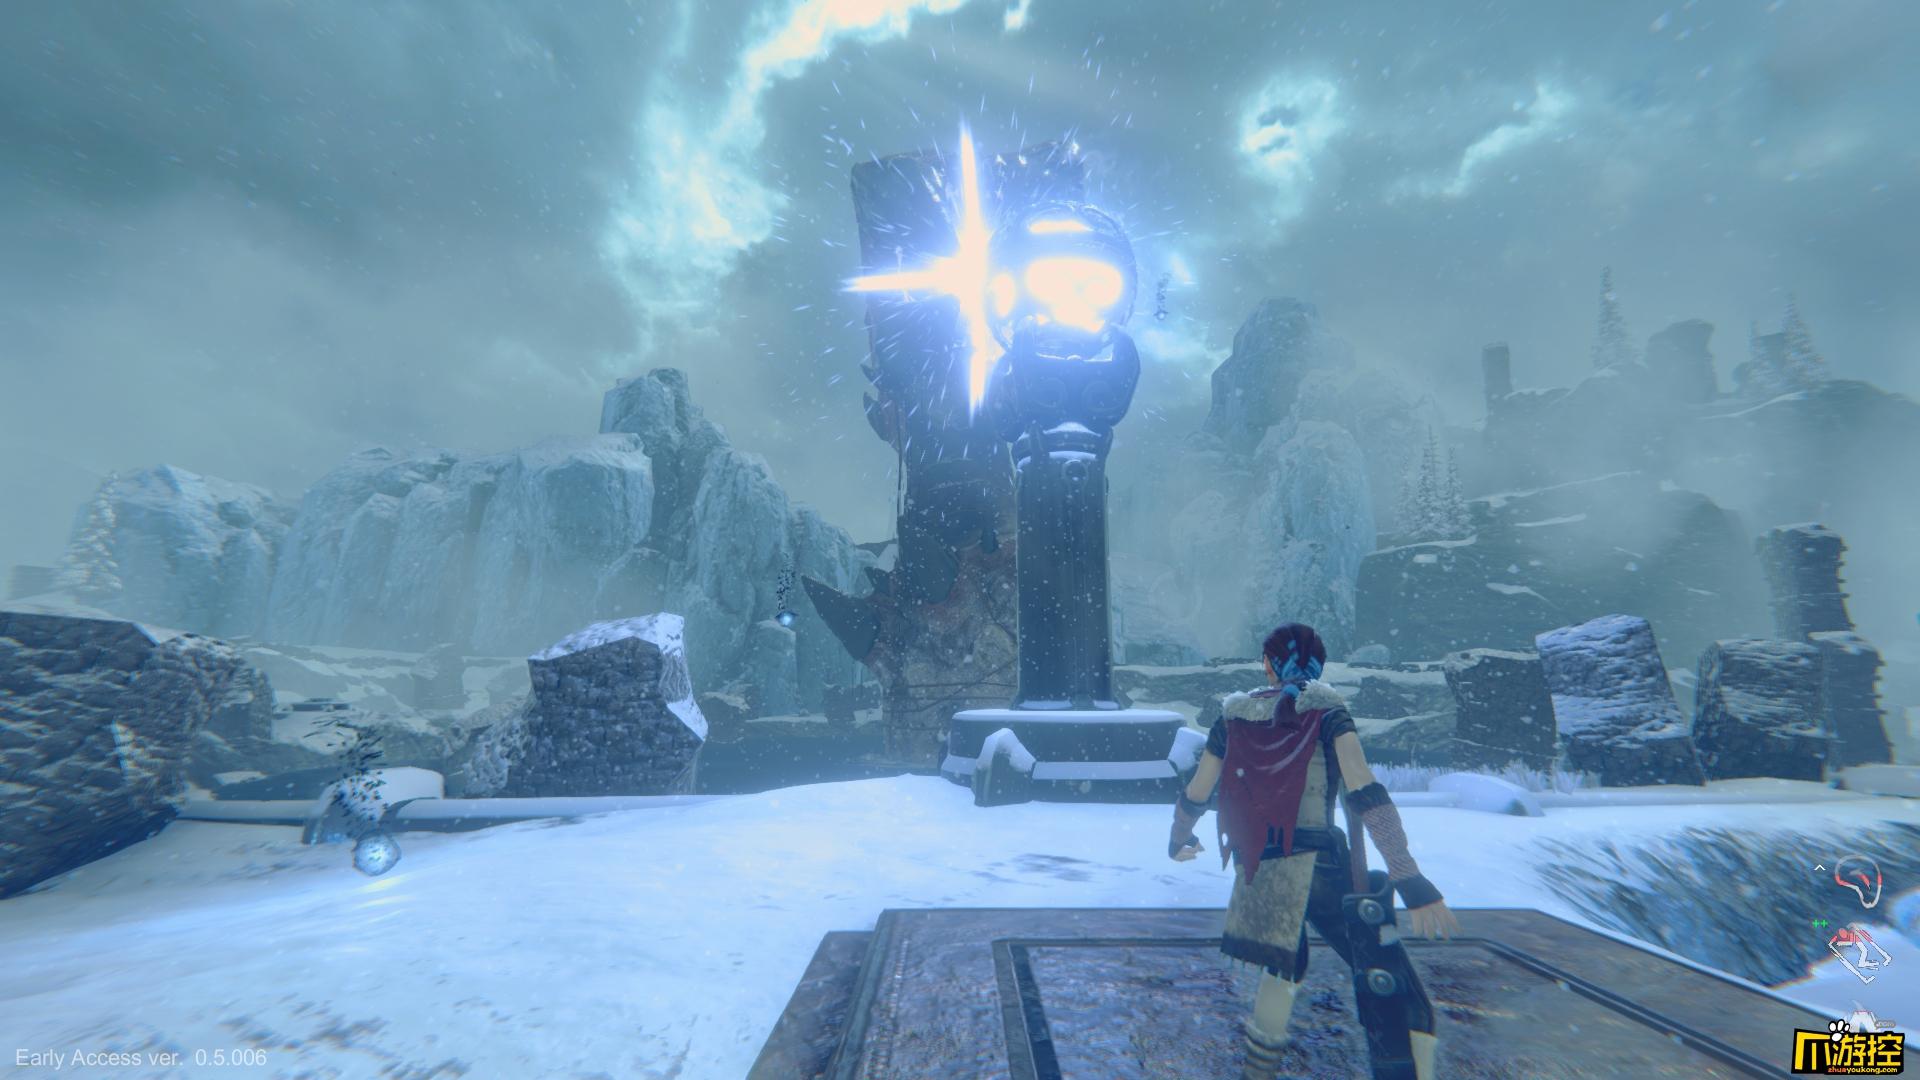 《巨神狩猎》游戏评测:环境环境很硬核 更真实的体验效果